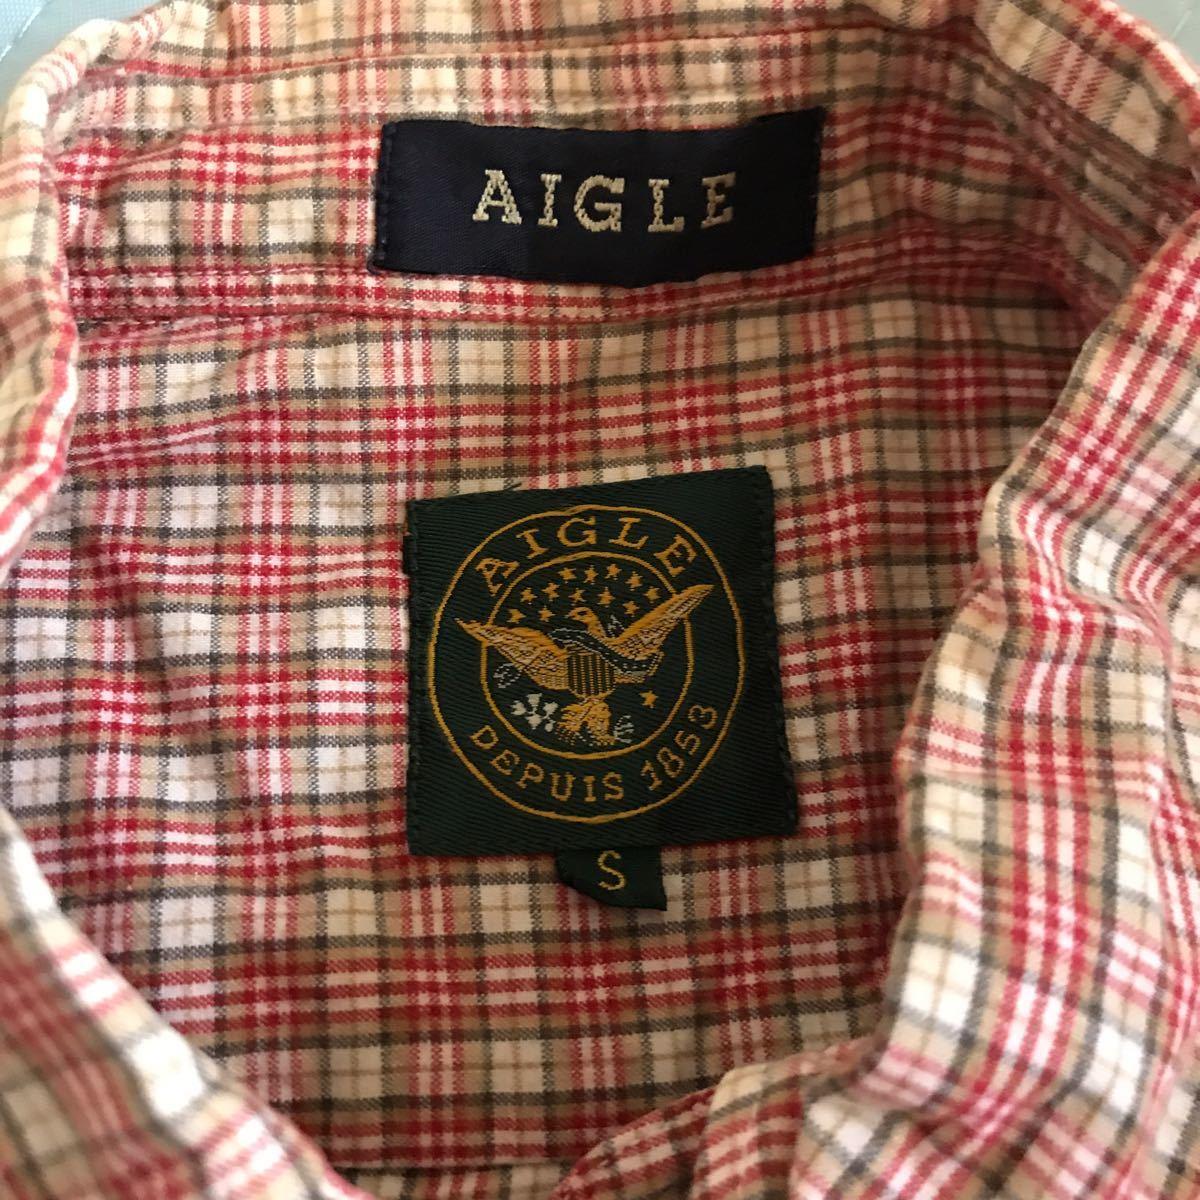 送料込み 希少日本製 エーグル AIGLE チェックシャツ サイズS_画像2